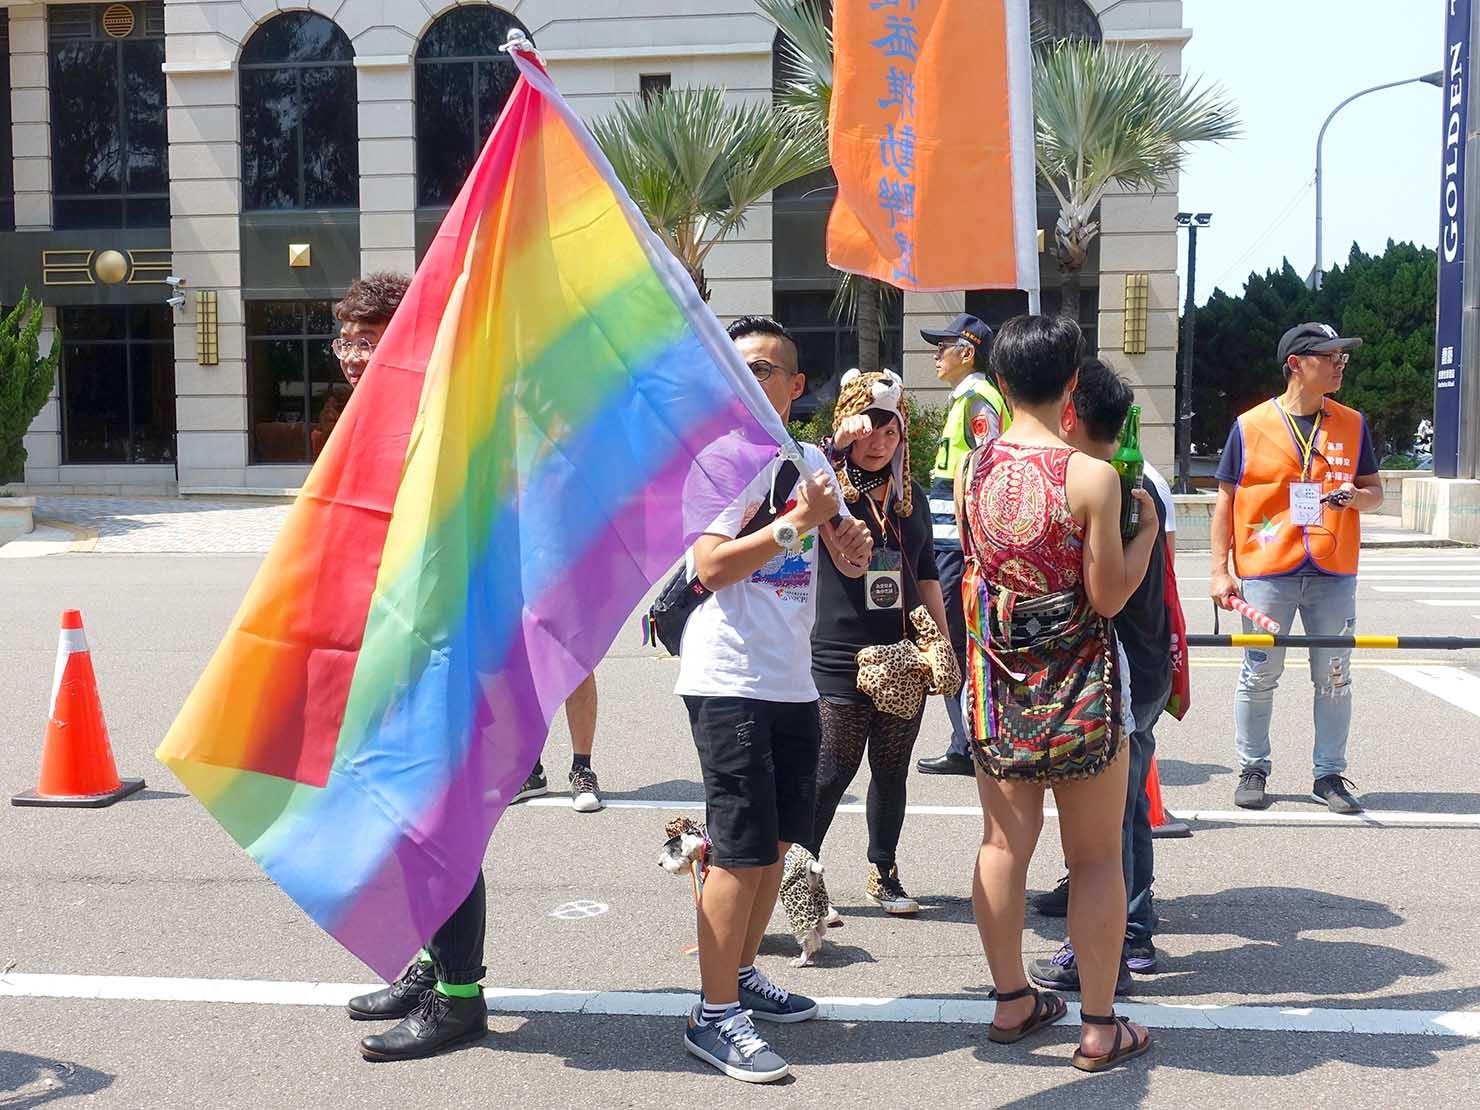 苗栗愛轉來平權遊行(苗栗LGBTプライド)2019のパレードで大きなレインボーフラッグを掲げる参加者